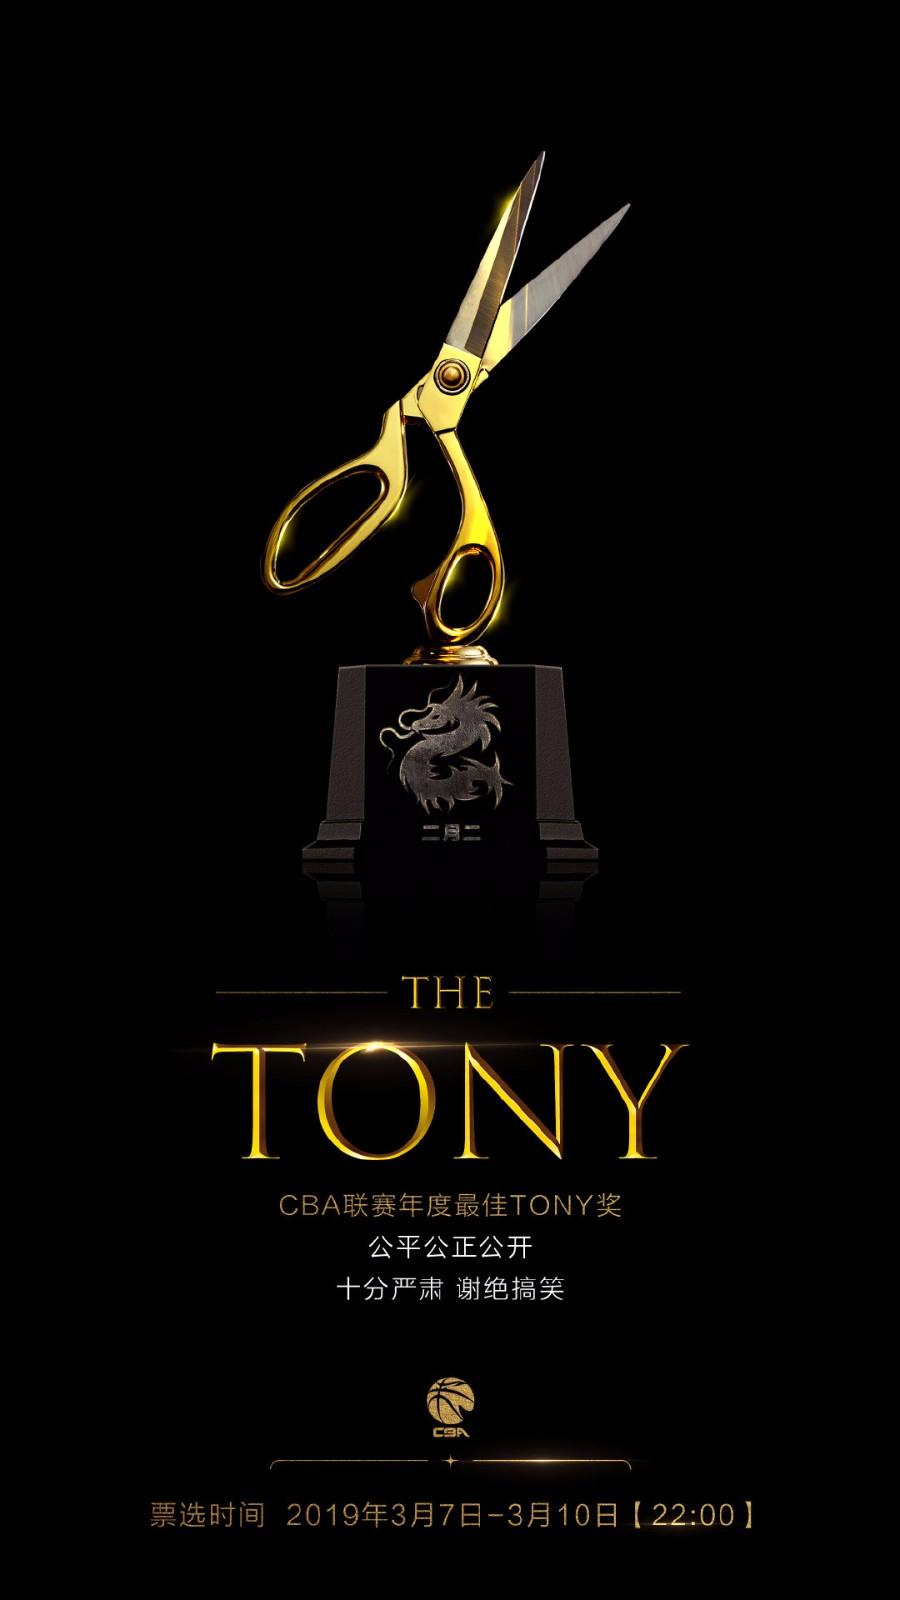 """二月二龙抬头,CBA联赛设立""""最佳Tony""""评选最帅发型"""